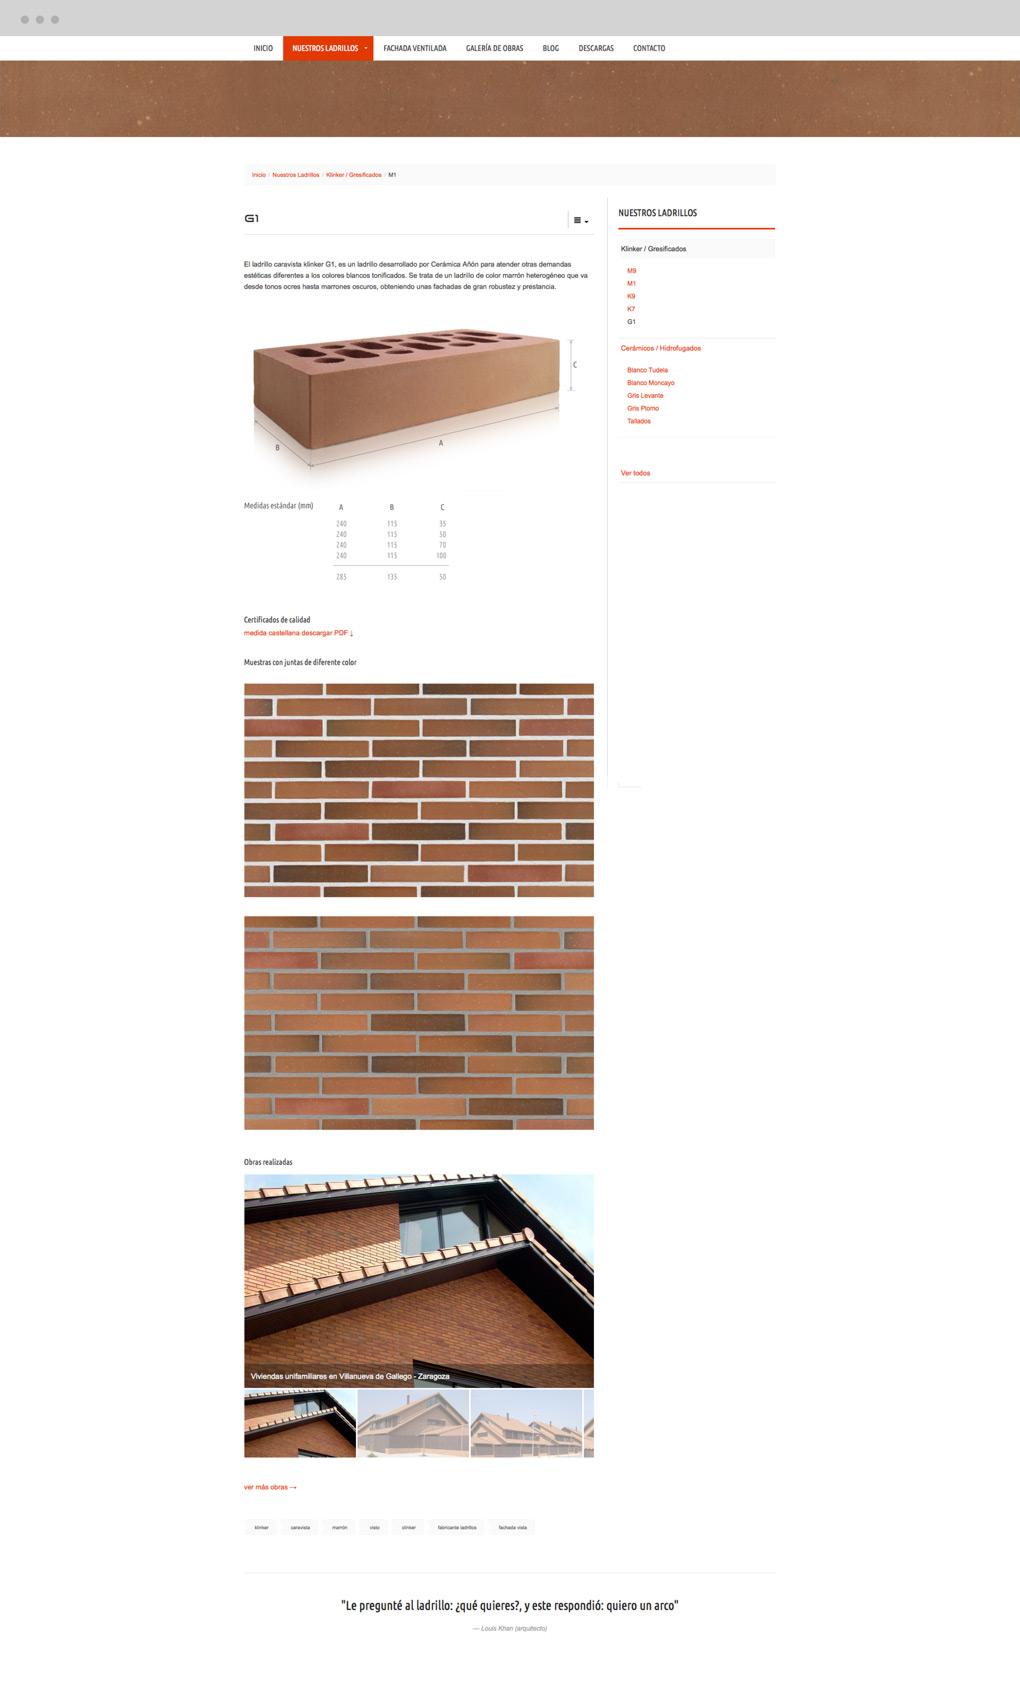 rediseño web de presentación de producto para Cerámica Añón